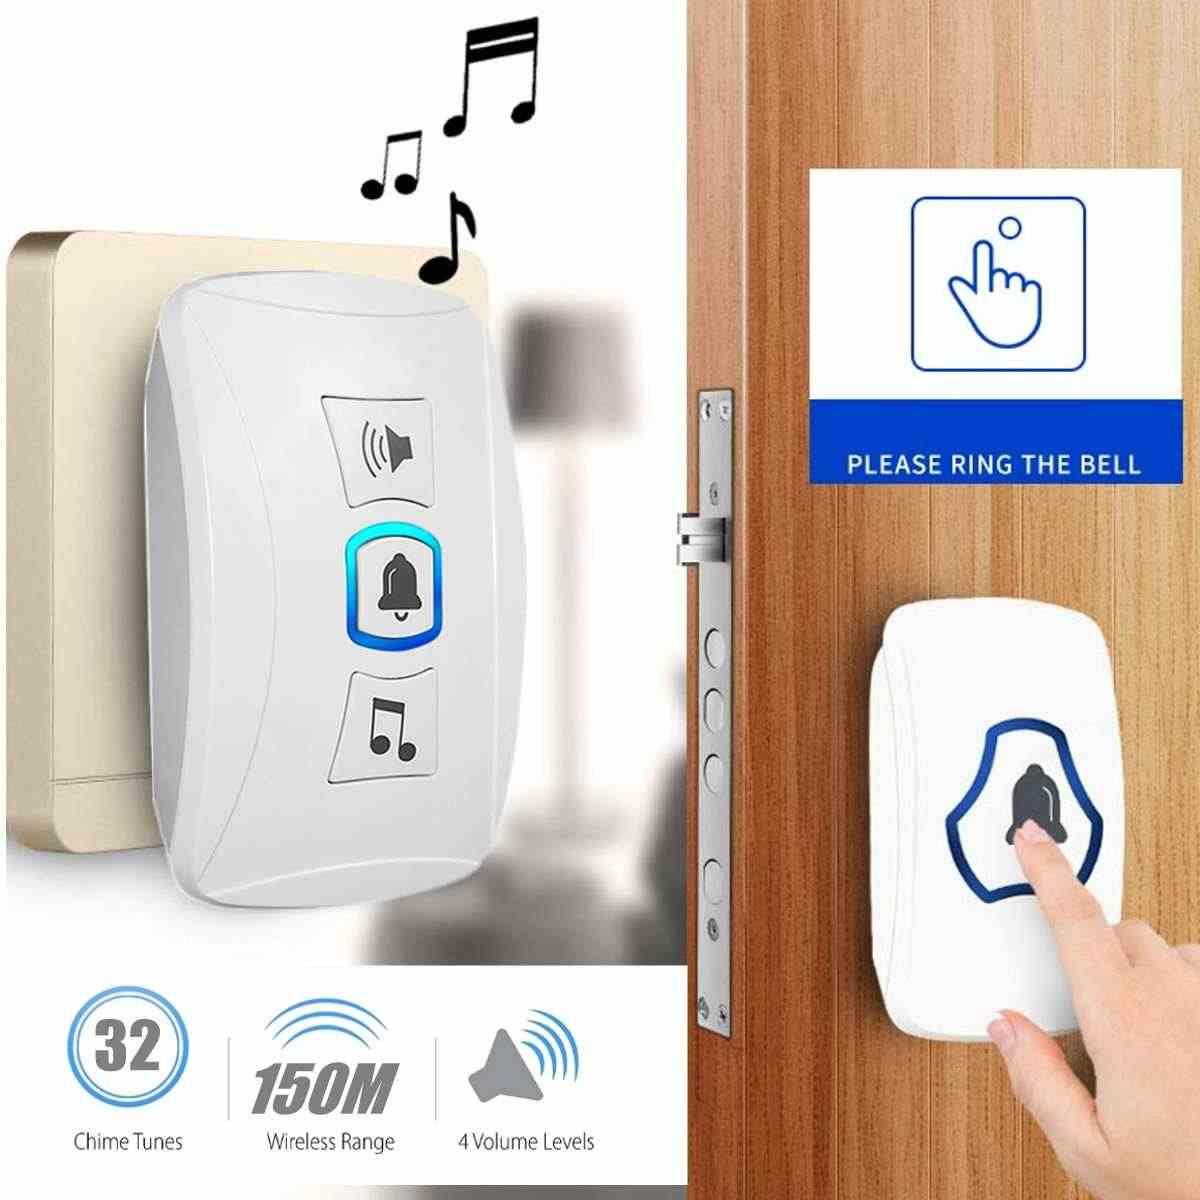 Wireless Doorbell Wall Plug - in ไร้สายกันน้ำ Home Door Bell Chime 150 M ช่วง 32 Chimes ติดตั้งง่าย